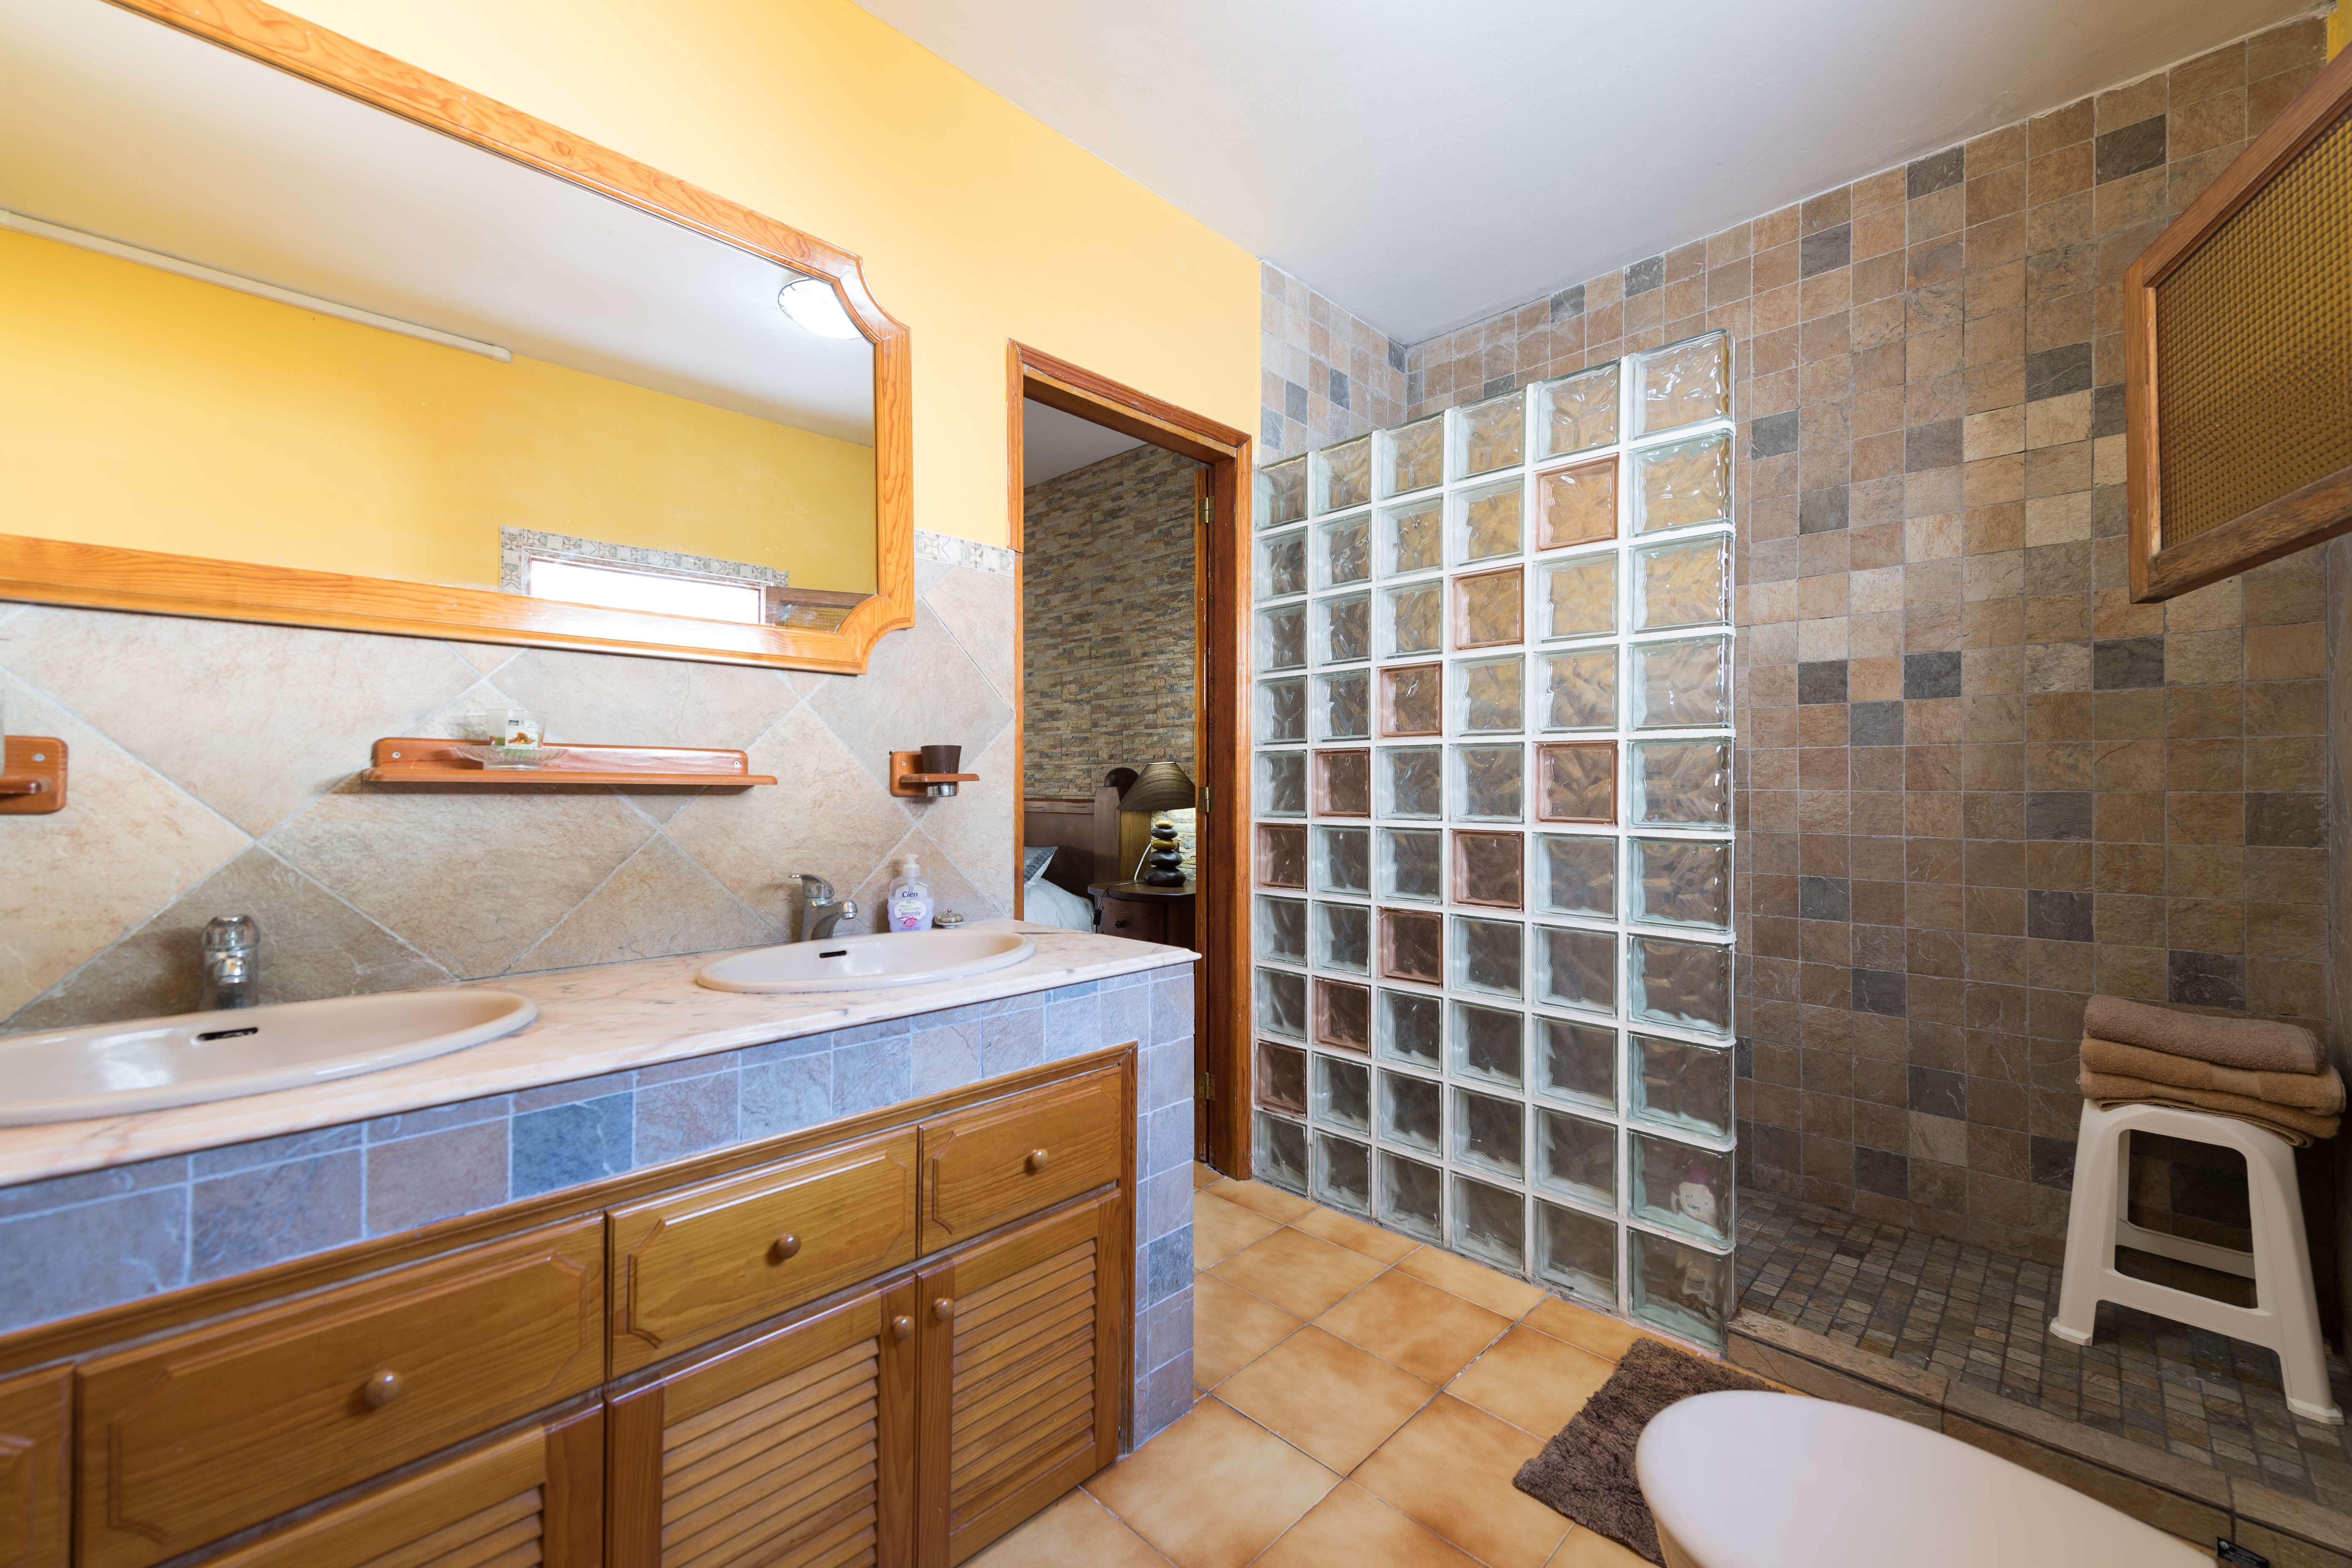 3 dormitorios con baño interior